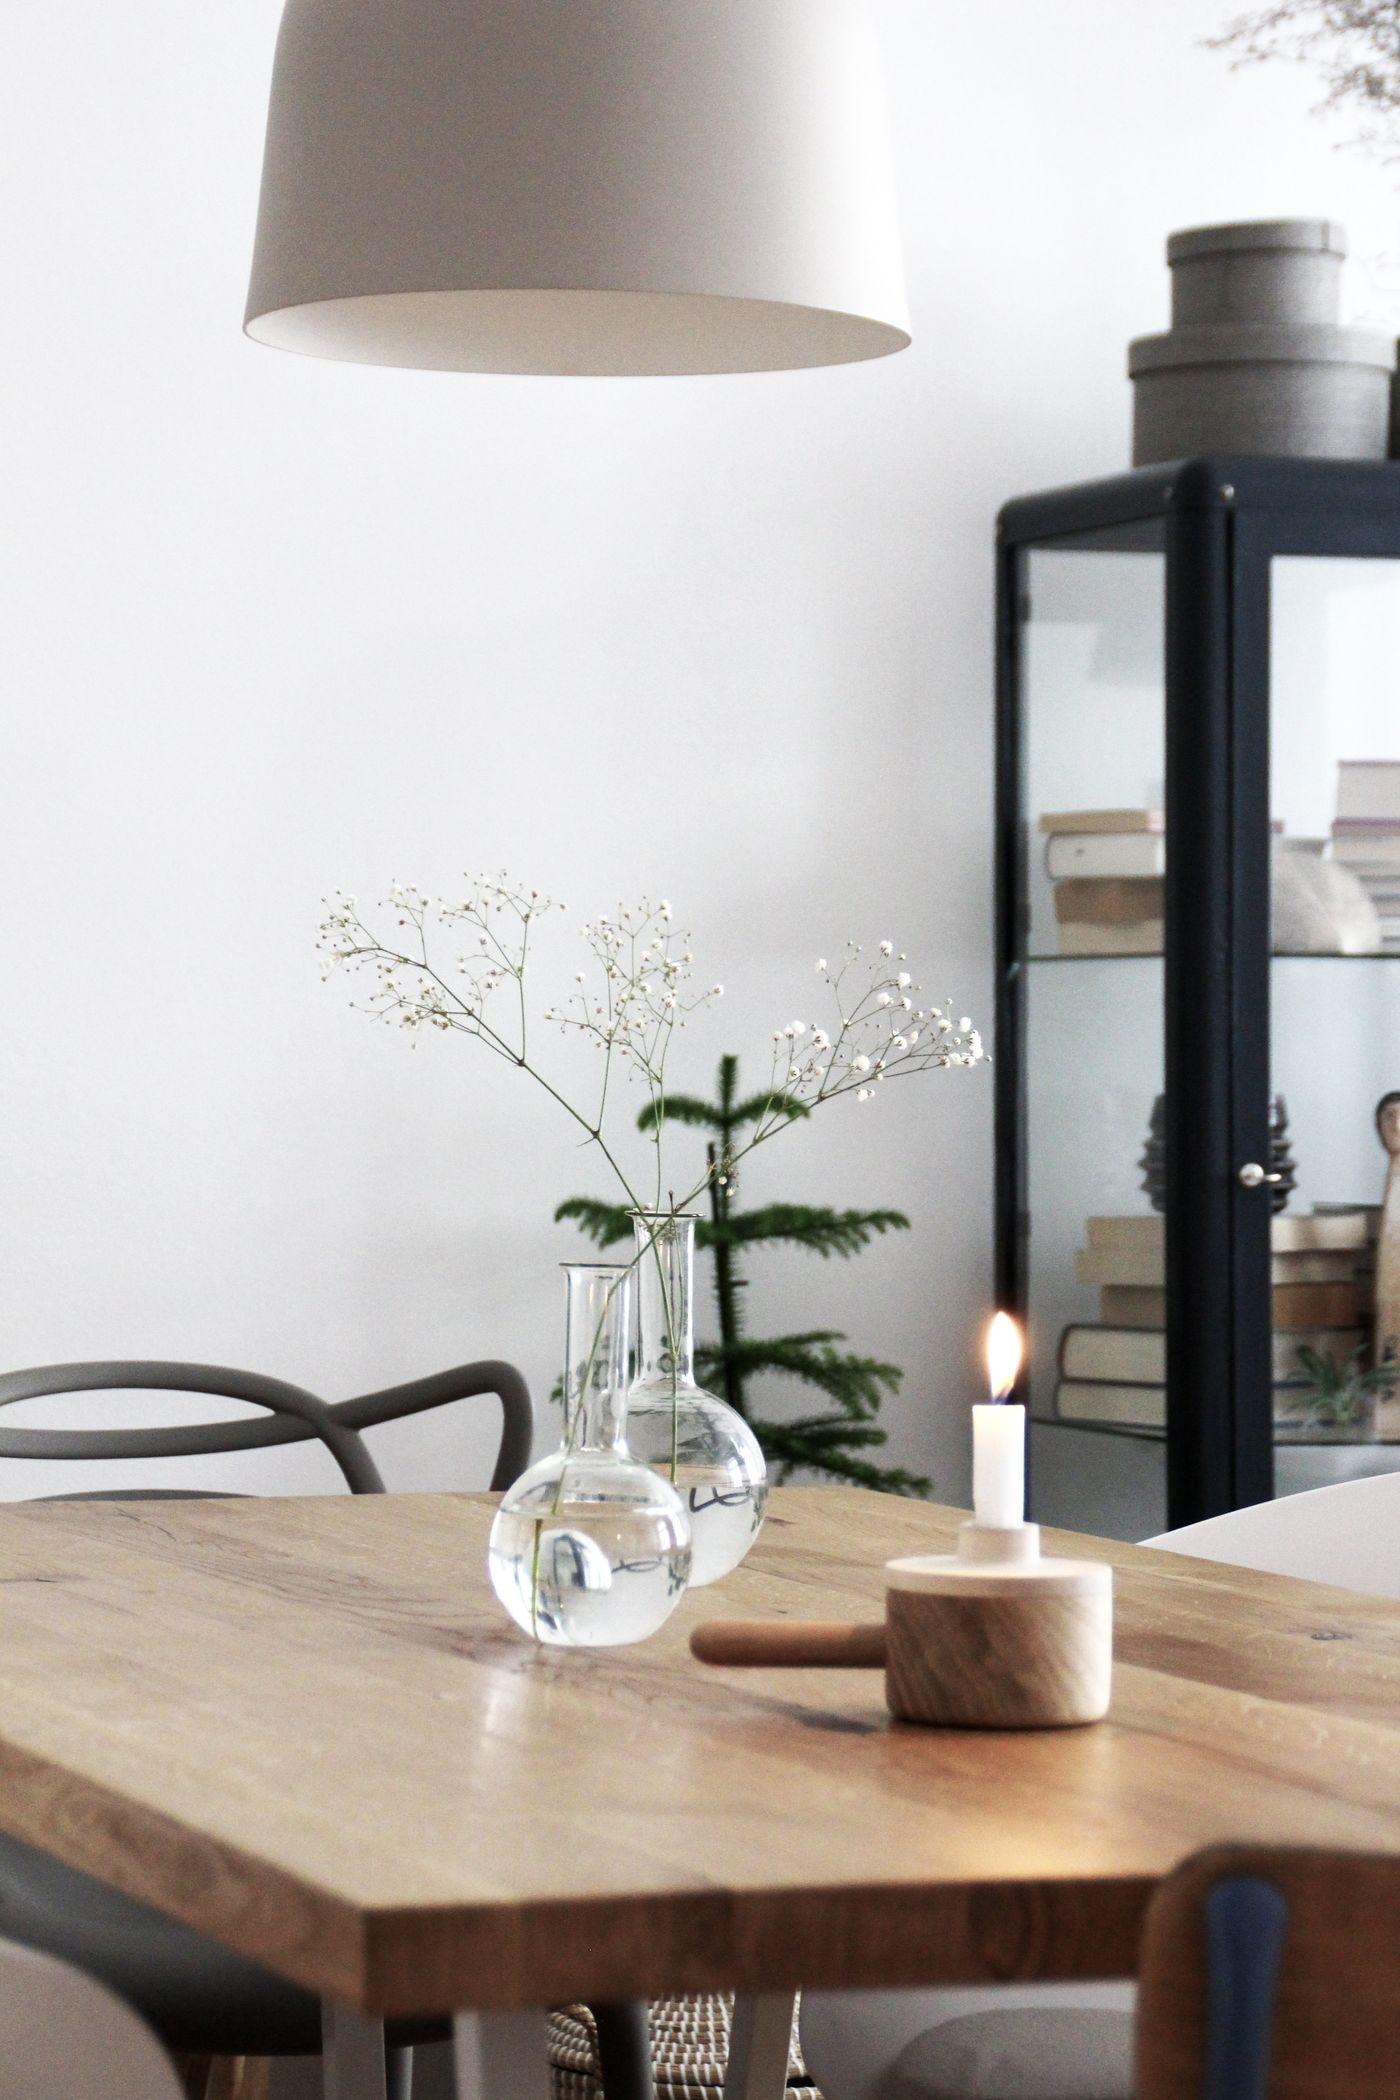 Full Size of Ideen Und Inspirationen Fr Ikea Schrnke Küche Kosten Miniküche Vorratsschrank Betten Bei 160x200 Modulküche Sofa Mit Schlaffunktion Kaufen Wohnzimmer Ikea Vorratsschrank